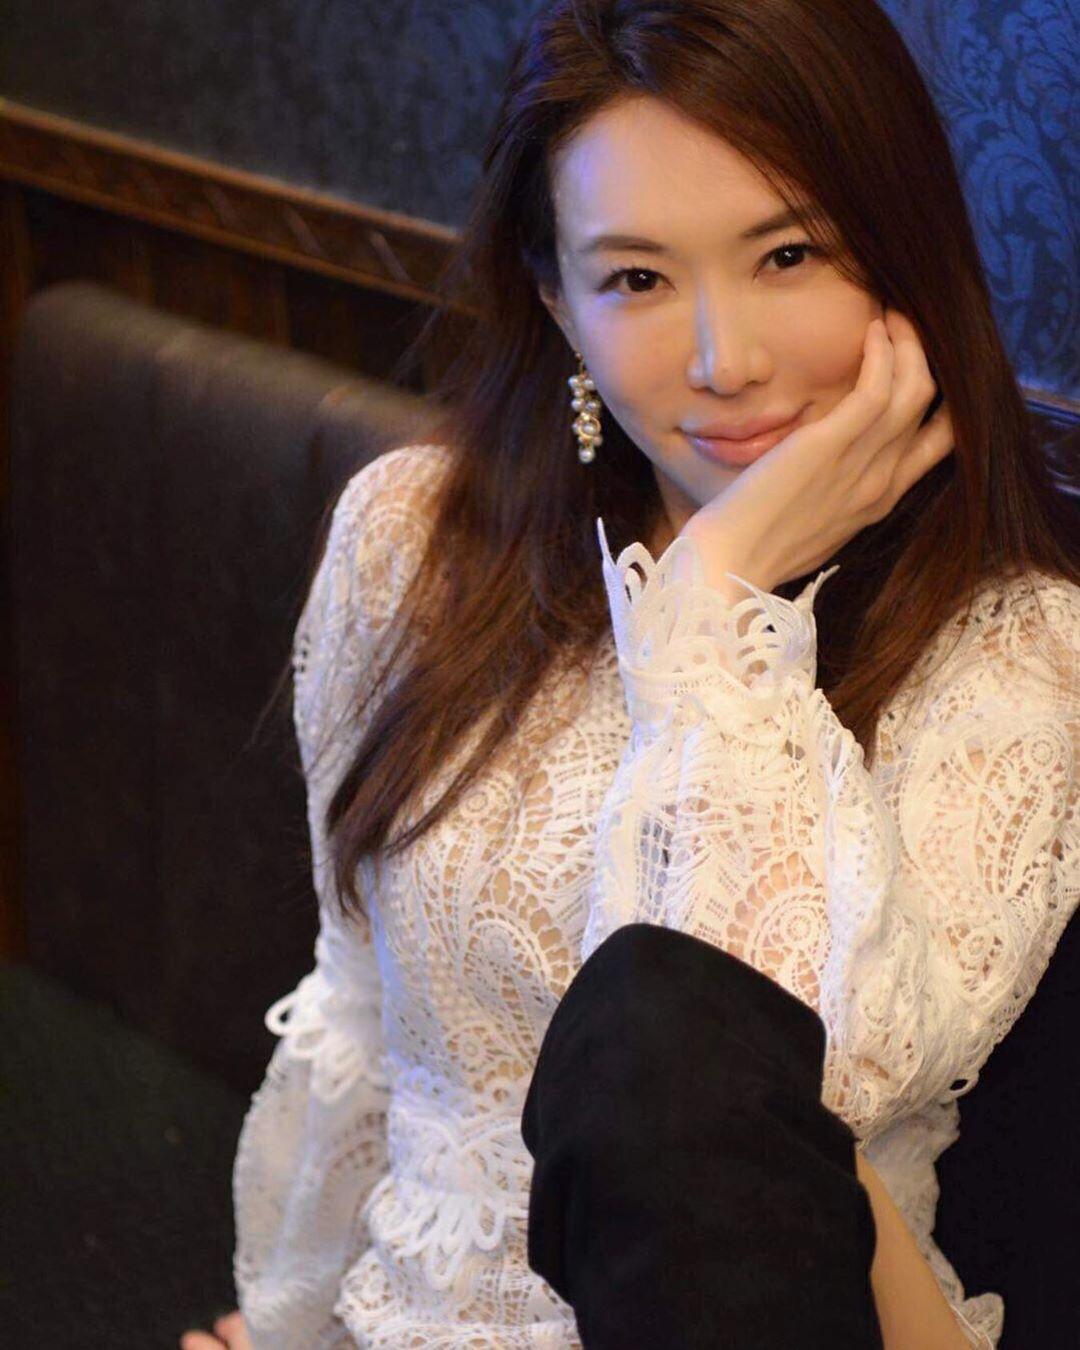 iwamoto_kazuko088.jpg